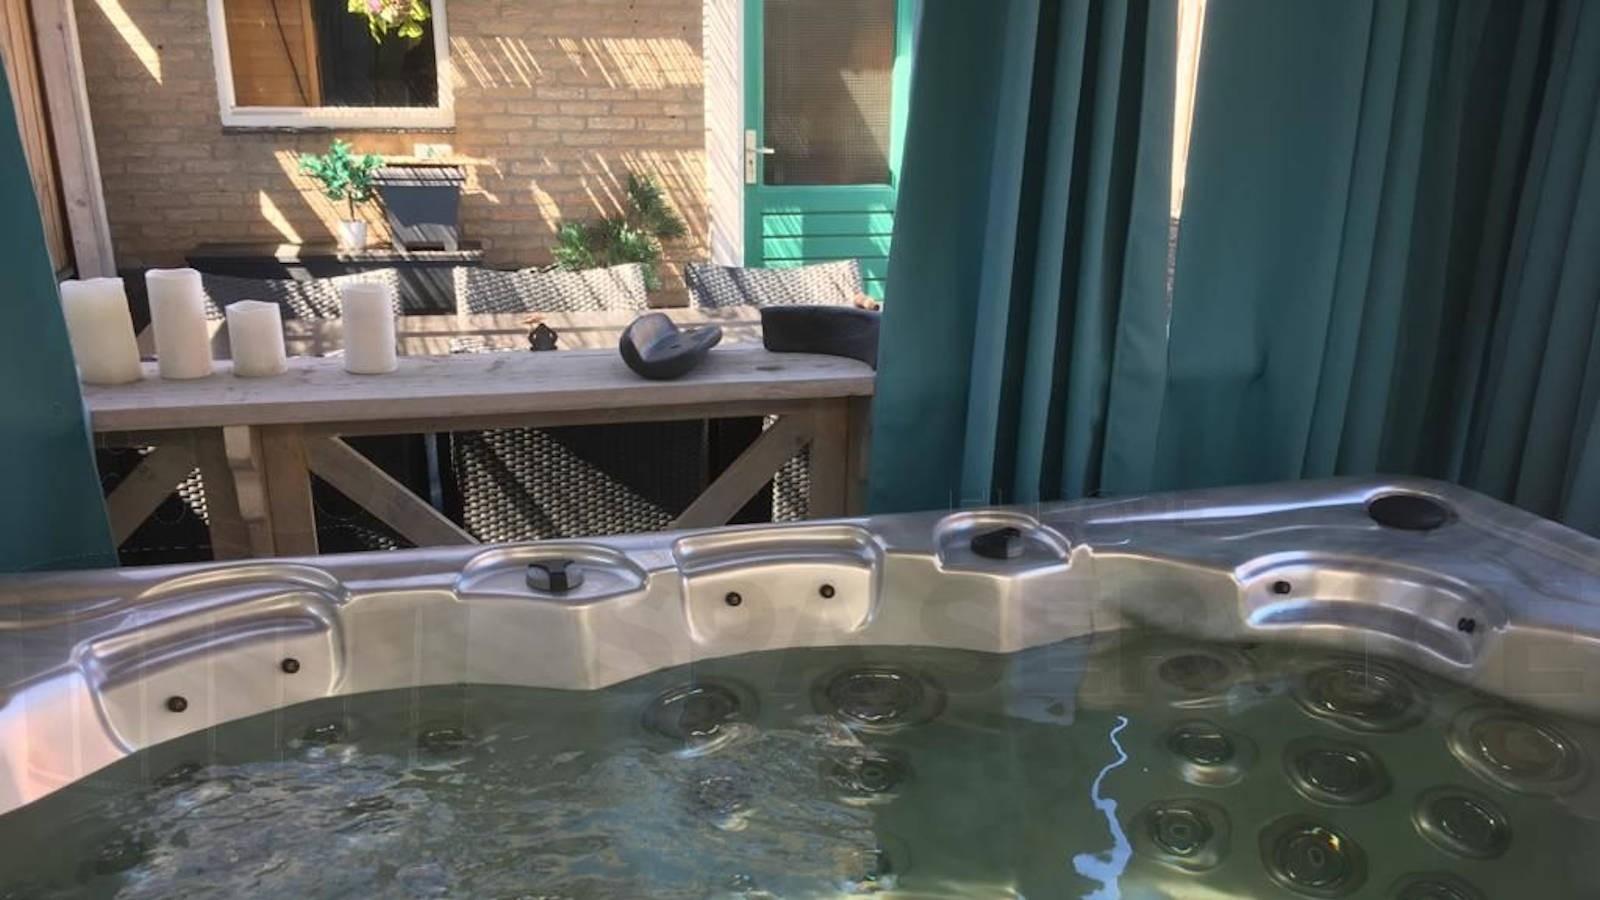 Ozonator vervangen, groot onderhoud en schoonmaakbeurt van een spa in Valkenswaard